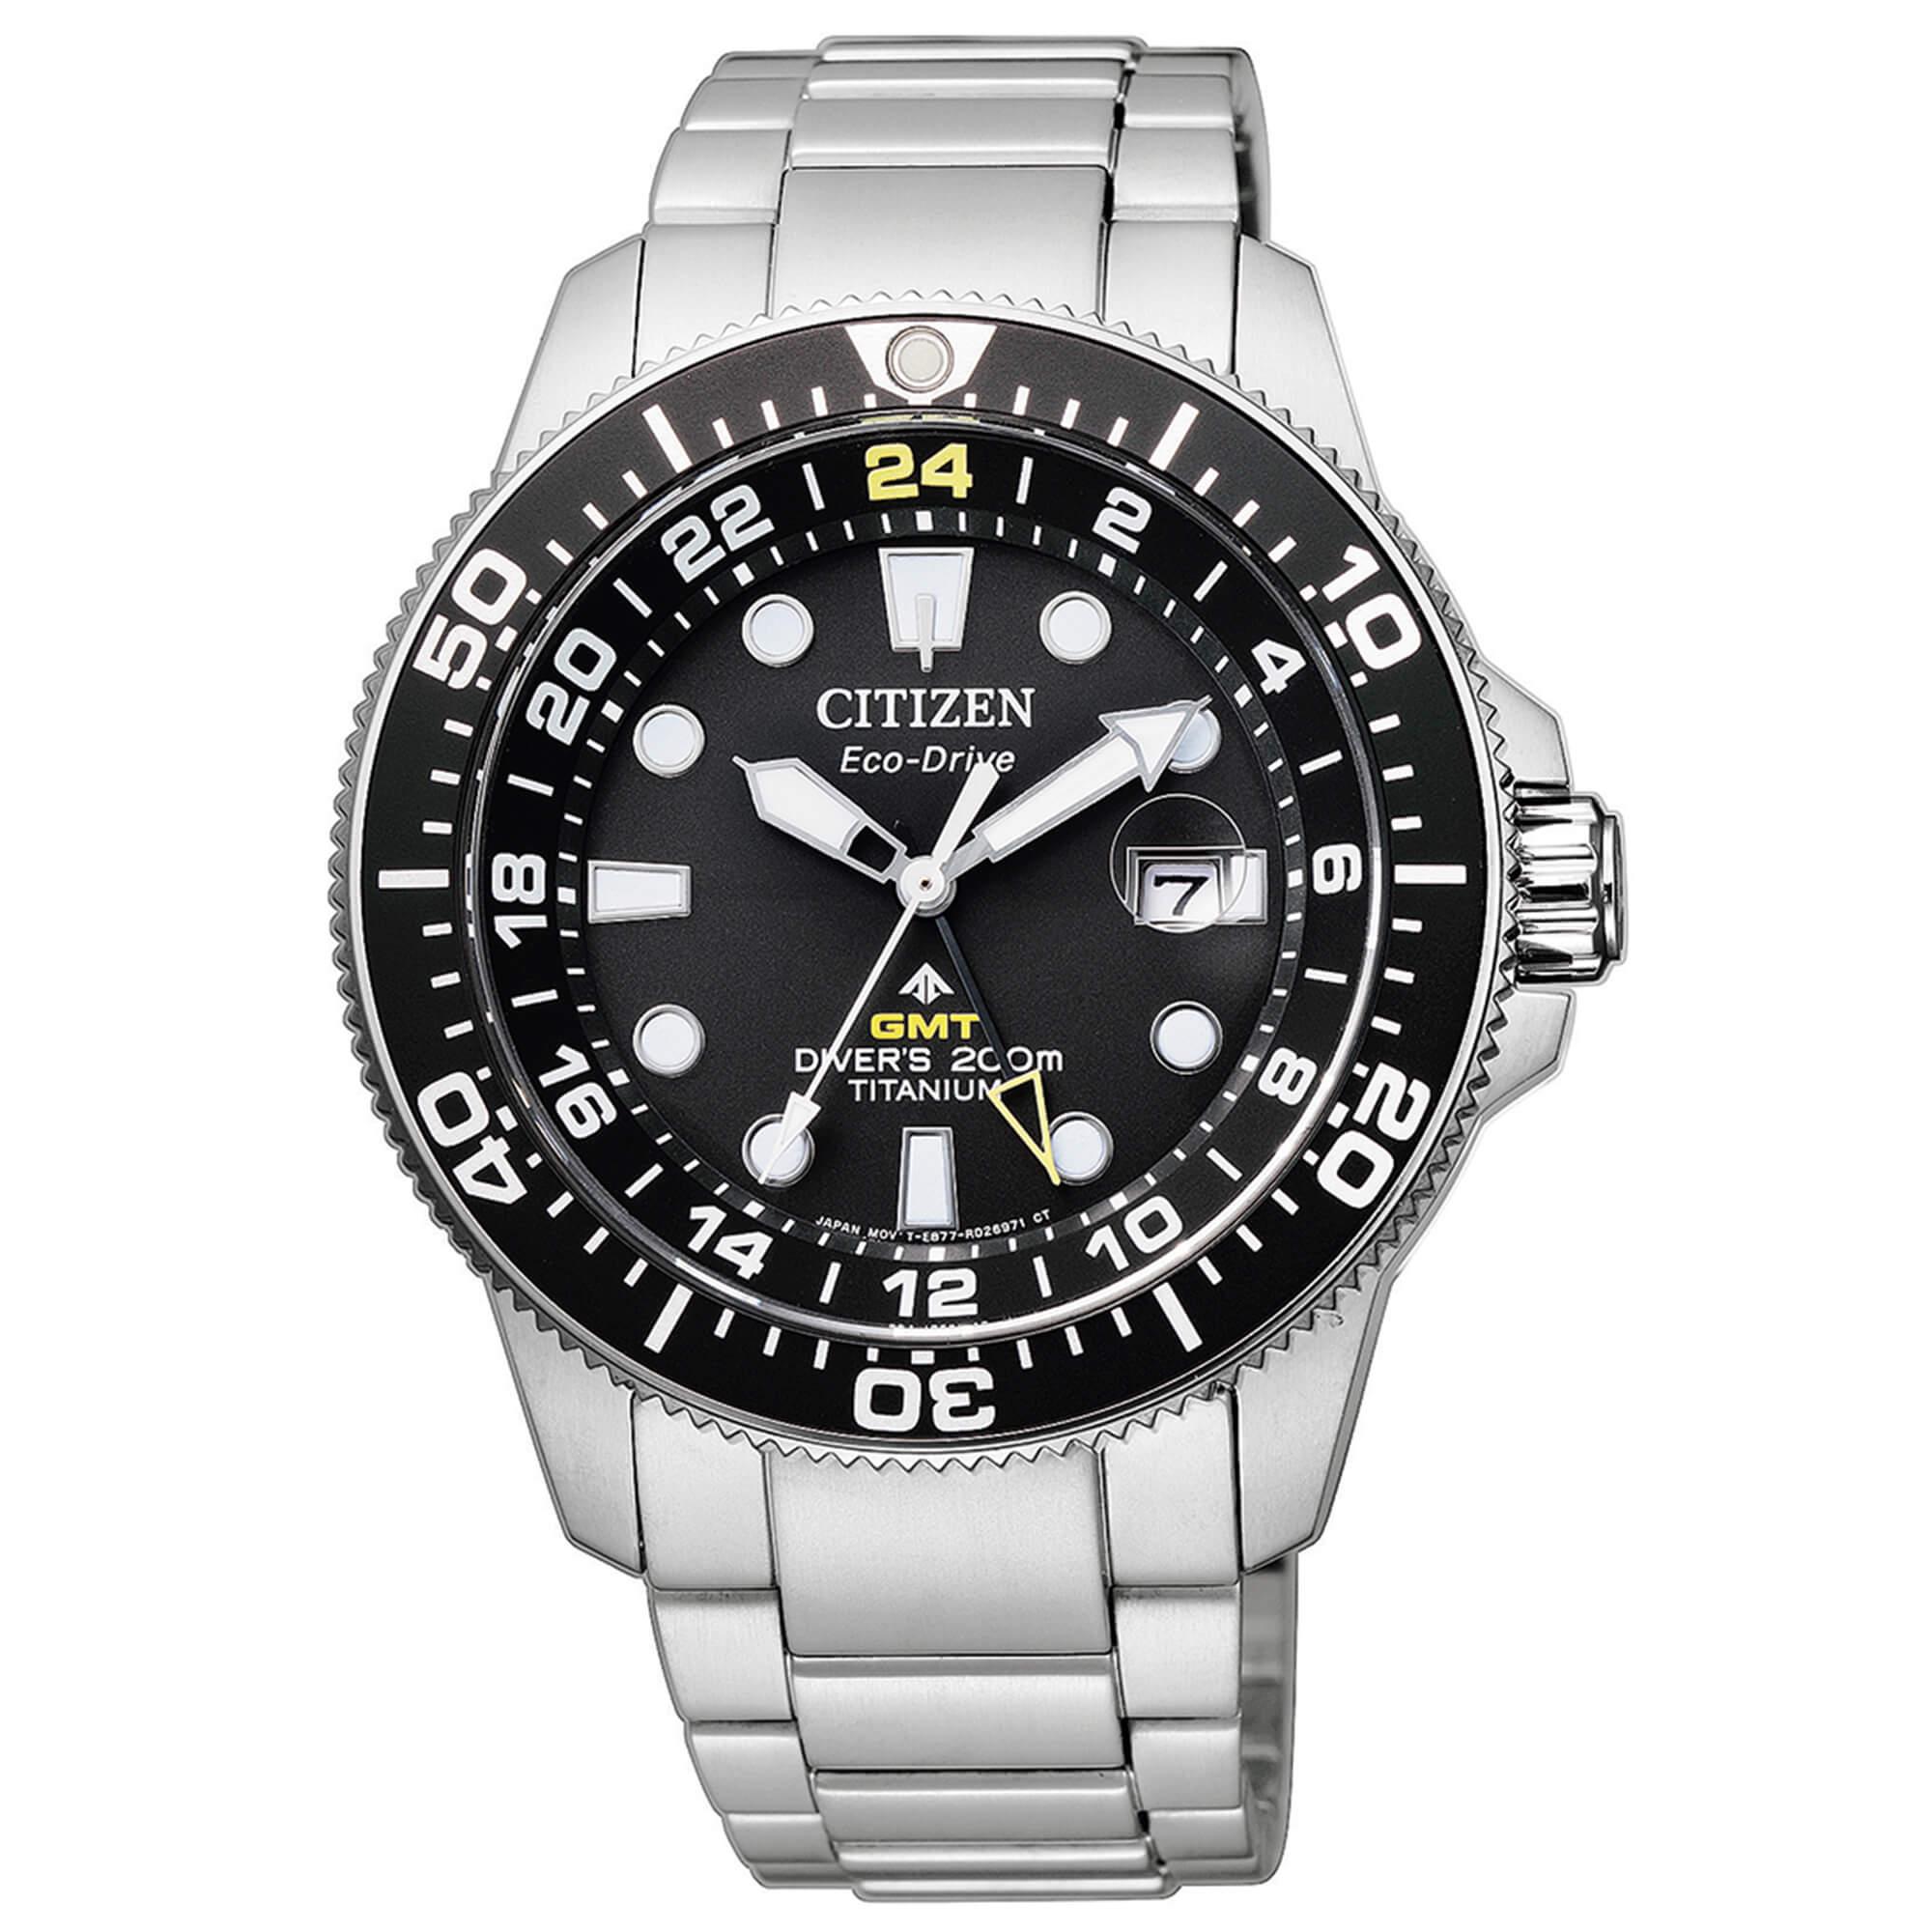 Orologio Citizen uomo Diver's Eco Drive GMT Super Titanio BJ7110-89E